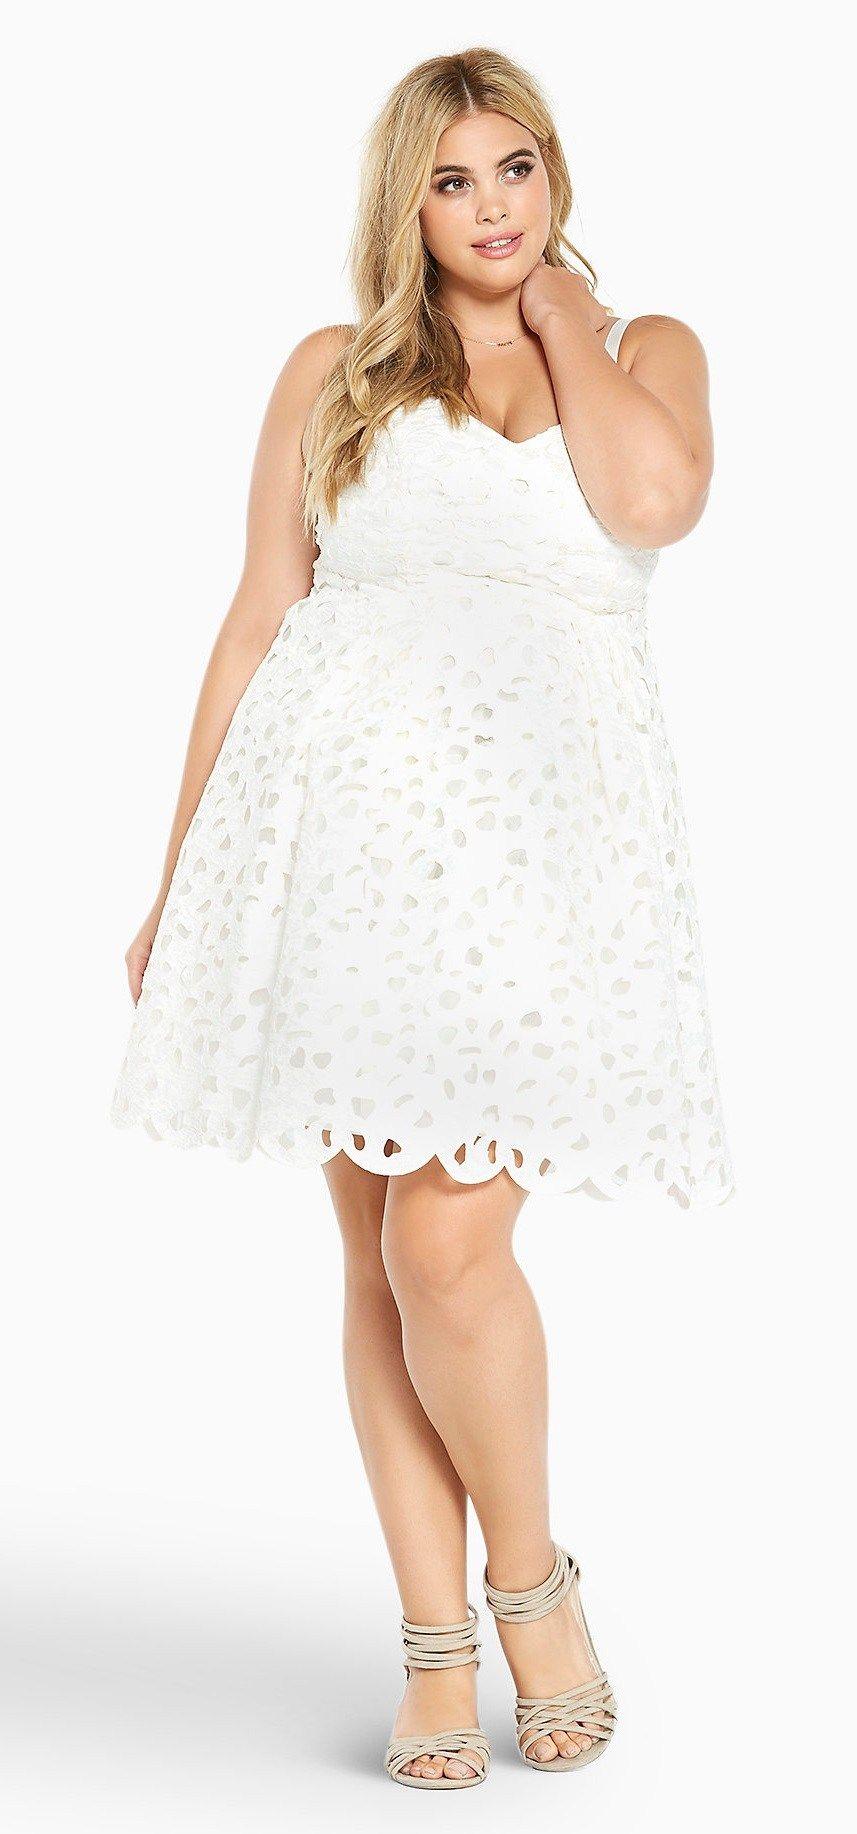 12 Plus Size White Party Dresses Plus Size Bachelorette Party Dresses Plus Size Brida Bachelorette Party Dress White Dress Party Graduation Dress Plus Size